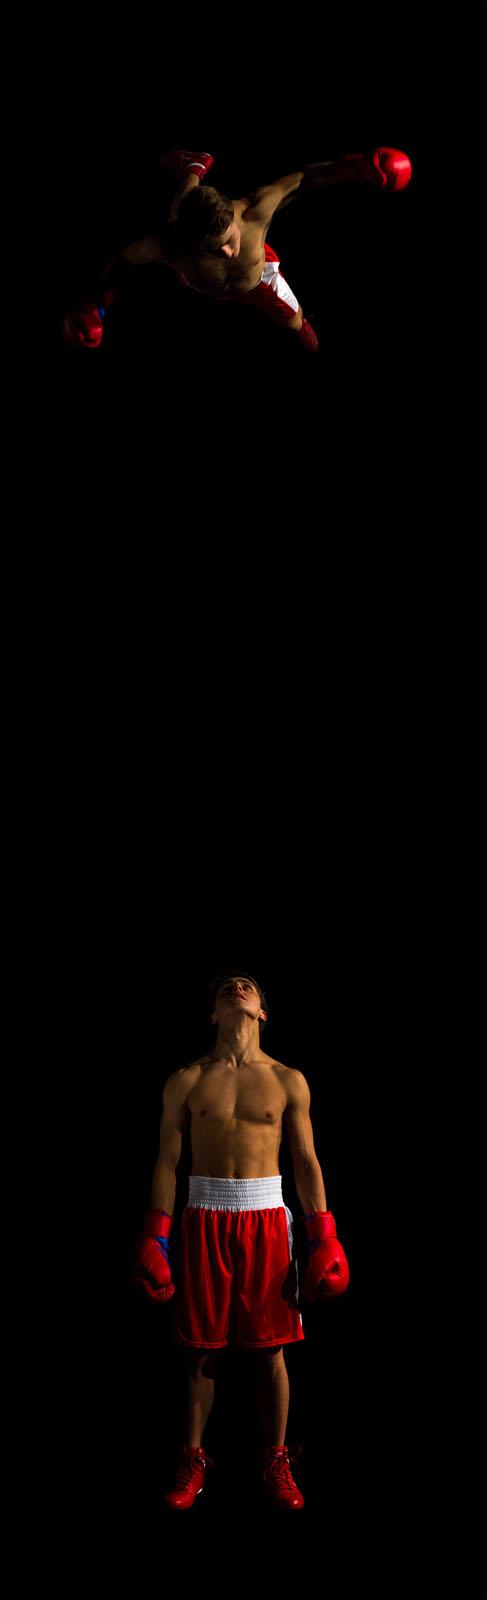 Jacek Ludwig Scarso | The Second is Coming, 2014, dalla serie Macho Messiah Stampa digitale ritoccata a mano su carta Hahnemühle montata su alluminio, 115 x35 cm, ed.5+1 P.d'a. Courtesy ROMBERG Photo